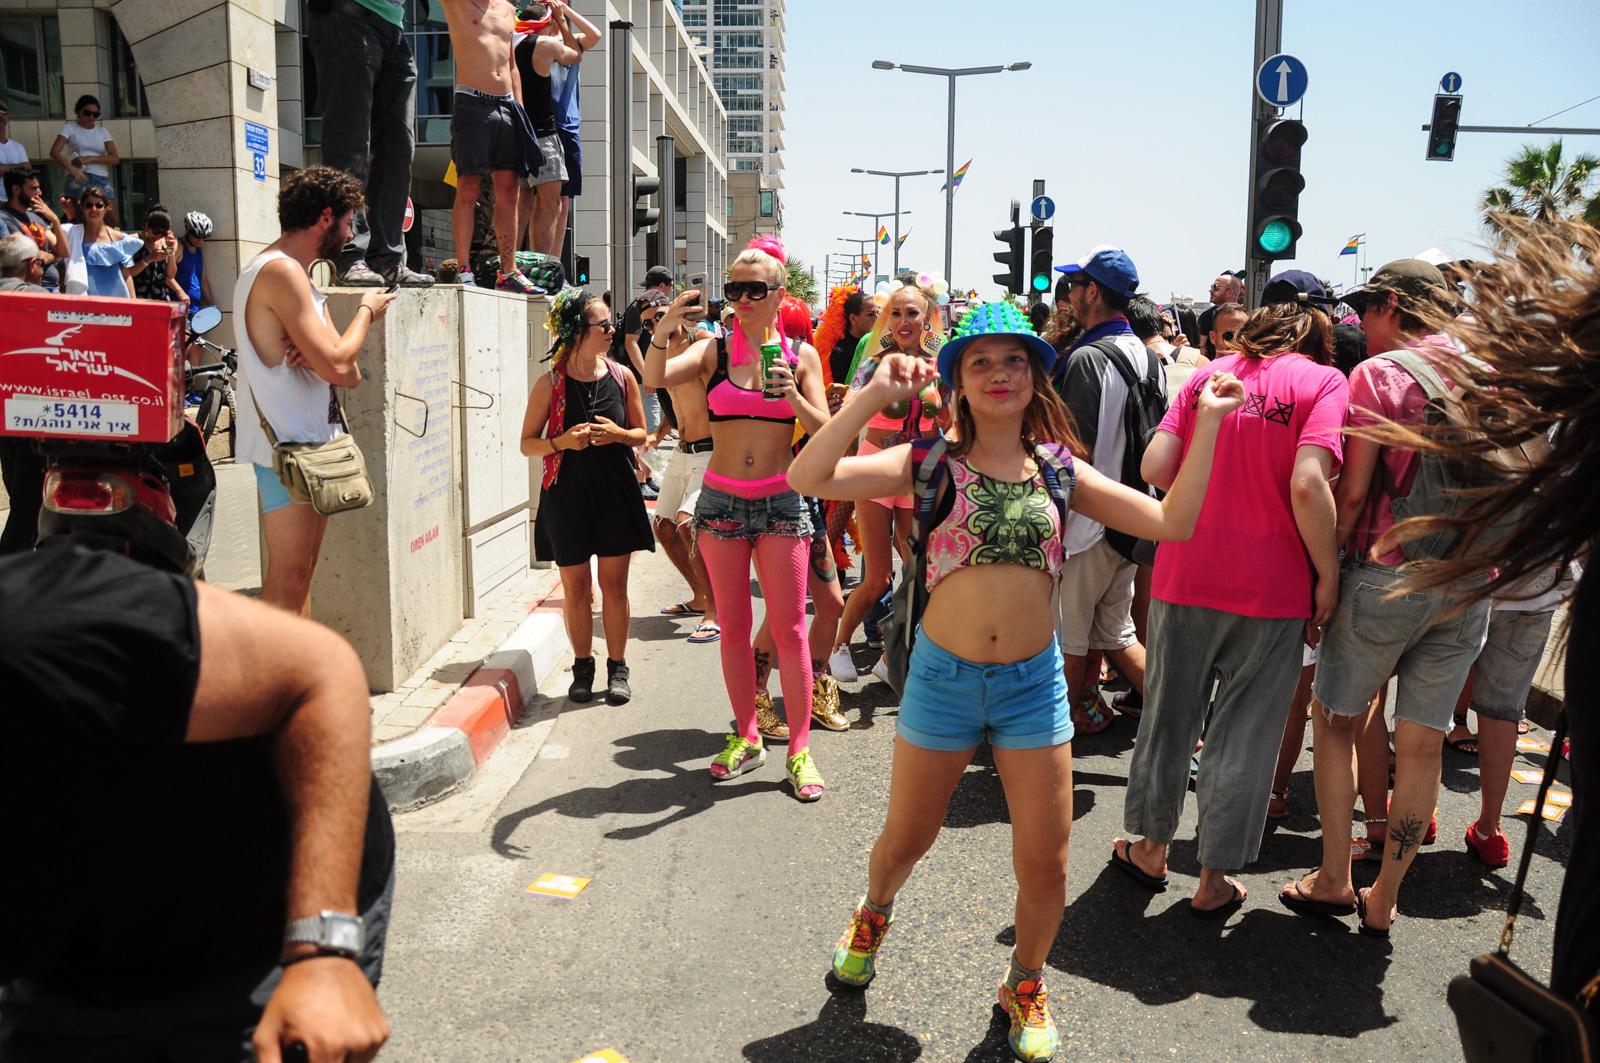 Gay на улице